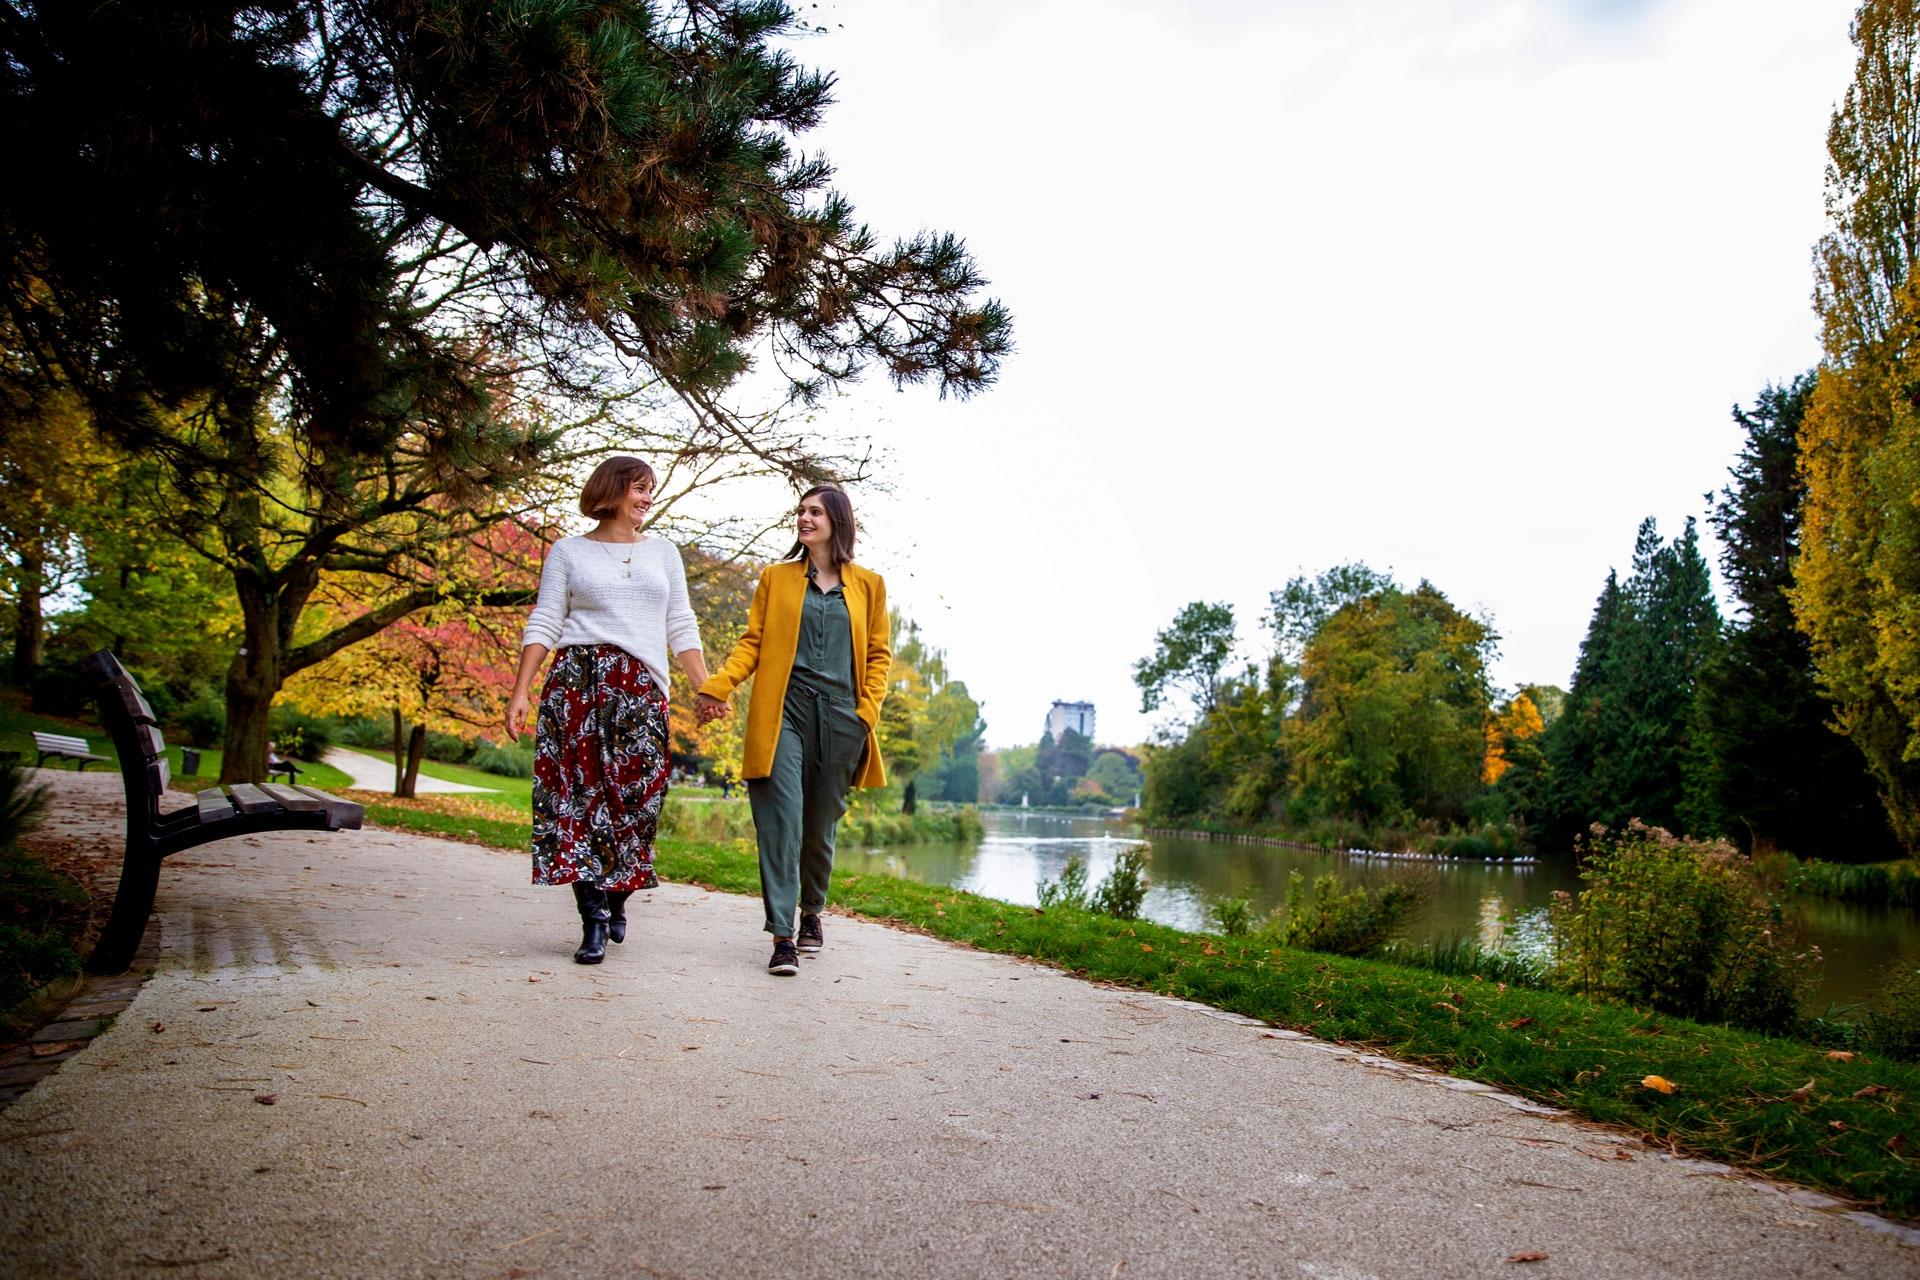 particuliers-portraits-jocia&fabienne-automne-09